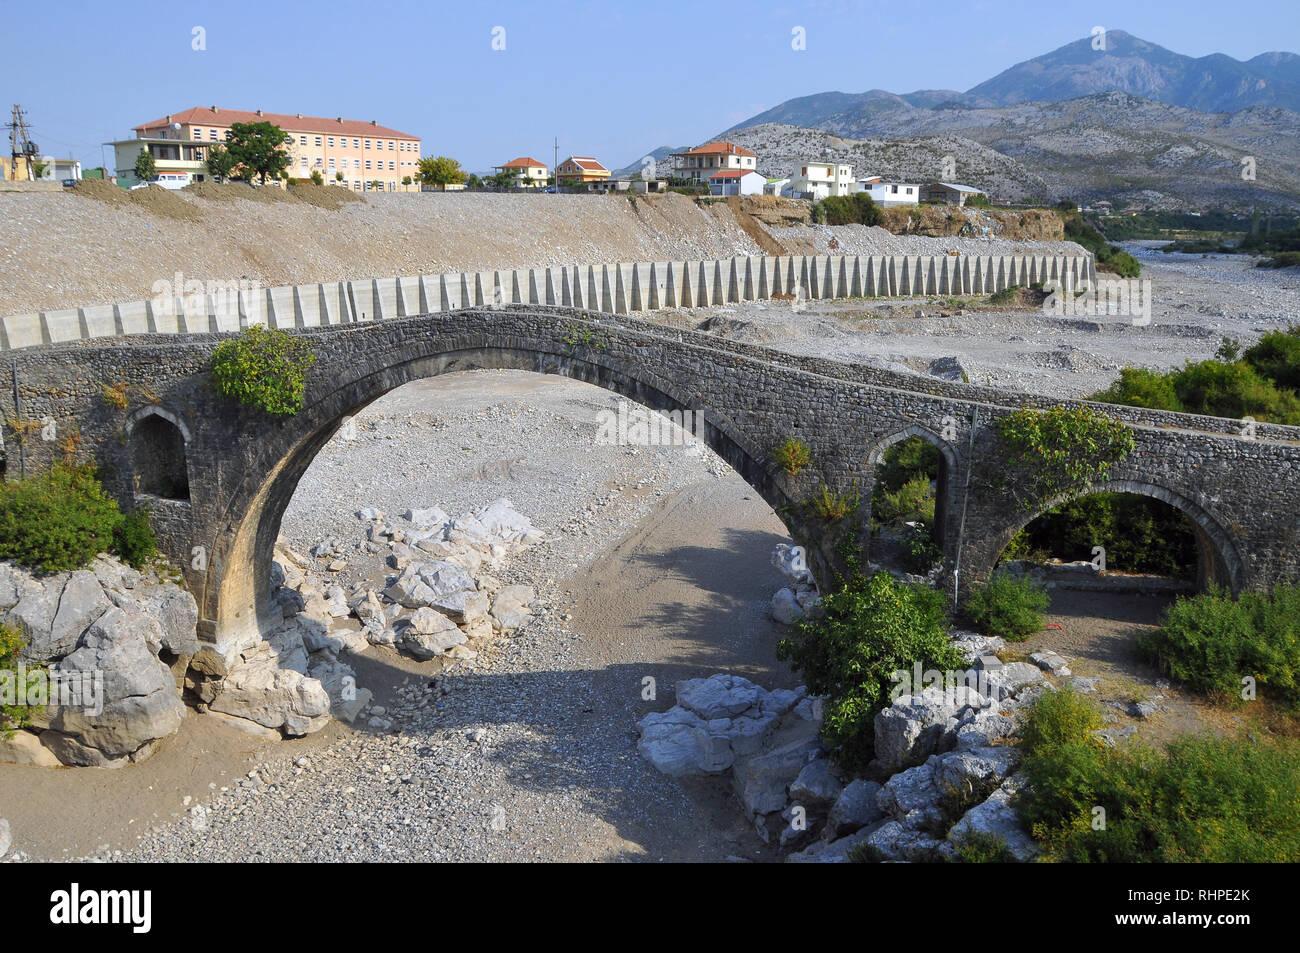 Albania, Shkodra, l'Europa. Il ponte di Mesi (Ura e Mesit) attraverso la Kiri fiume vicino a Shkodra. Immagini Stock